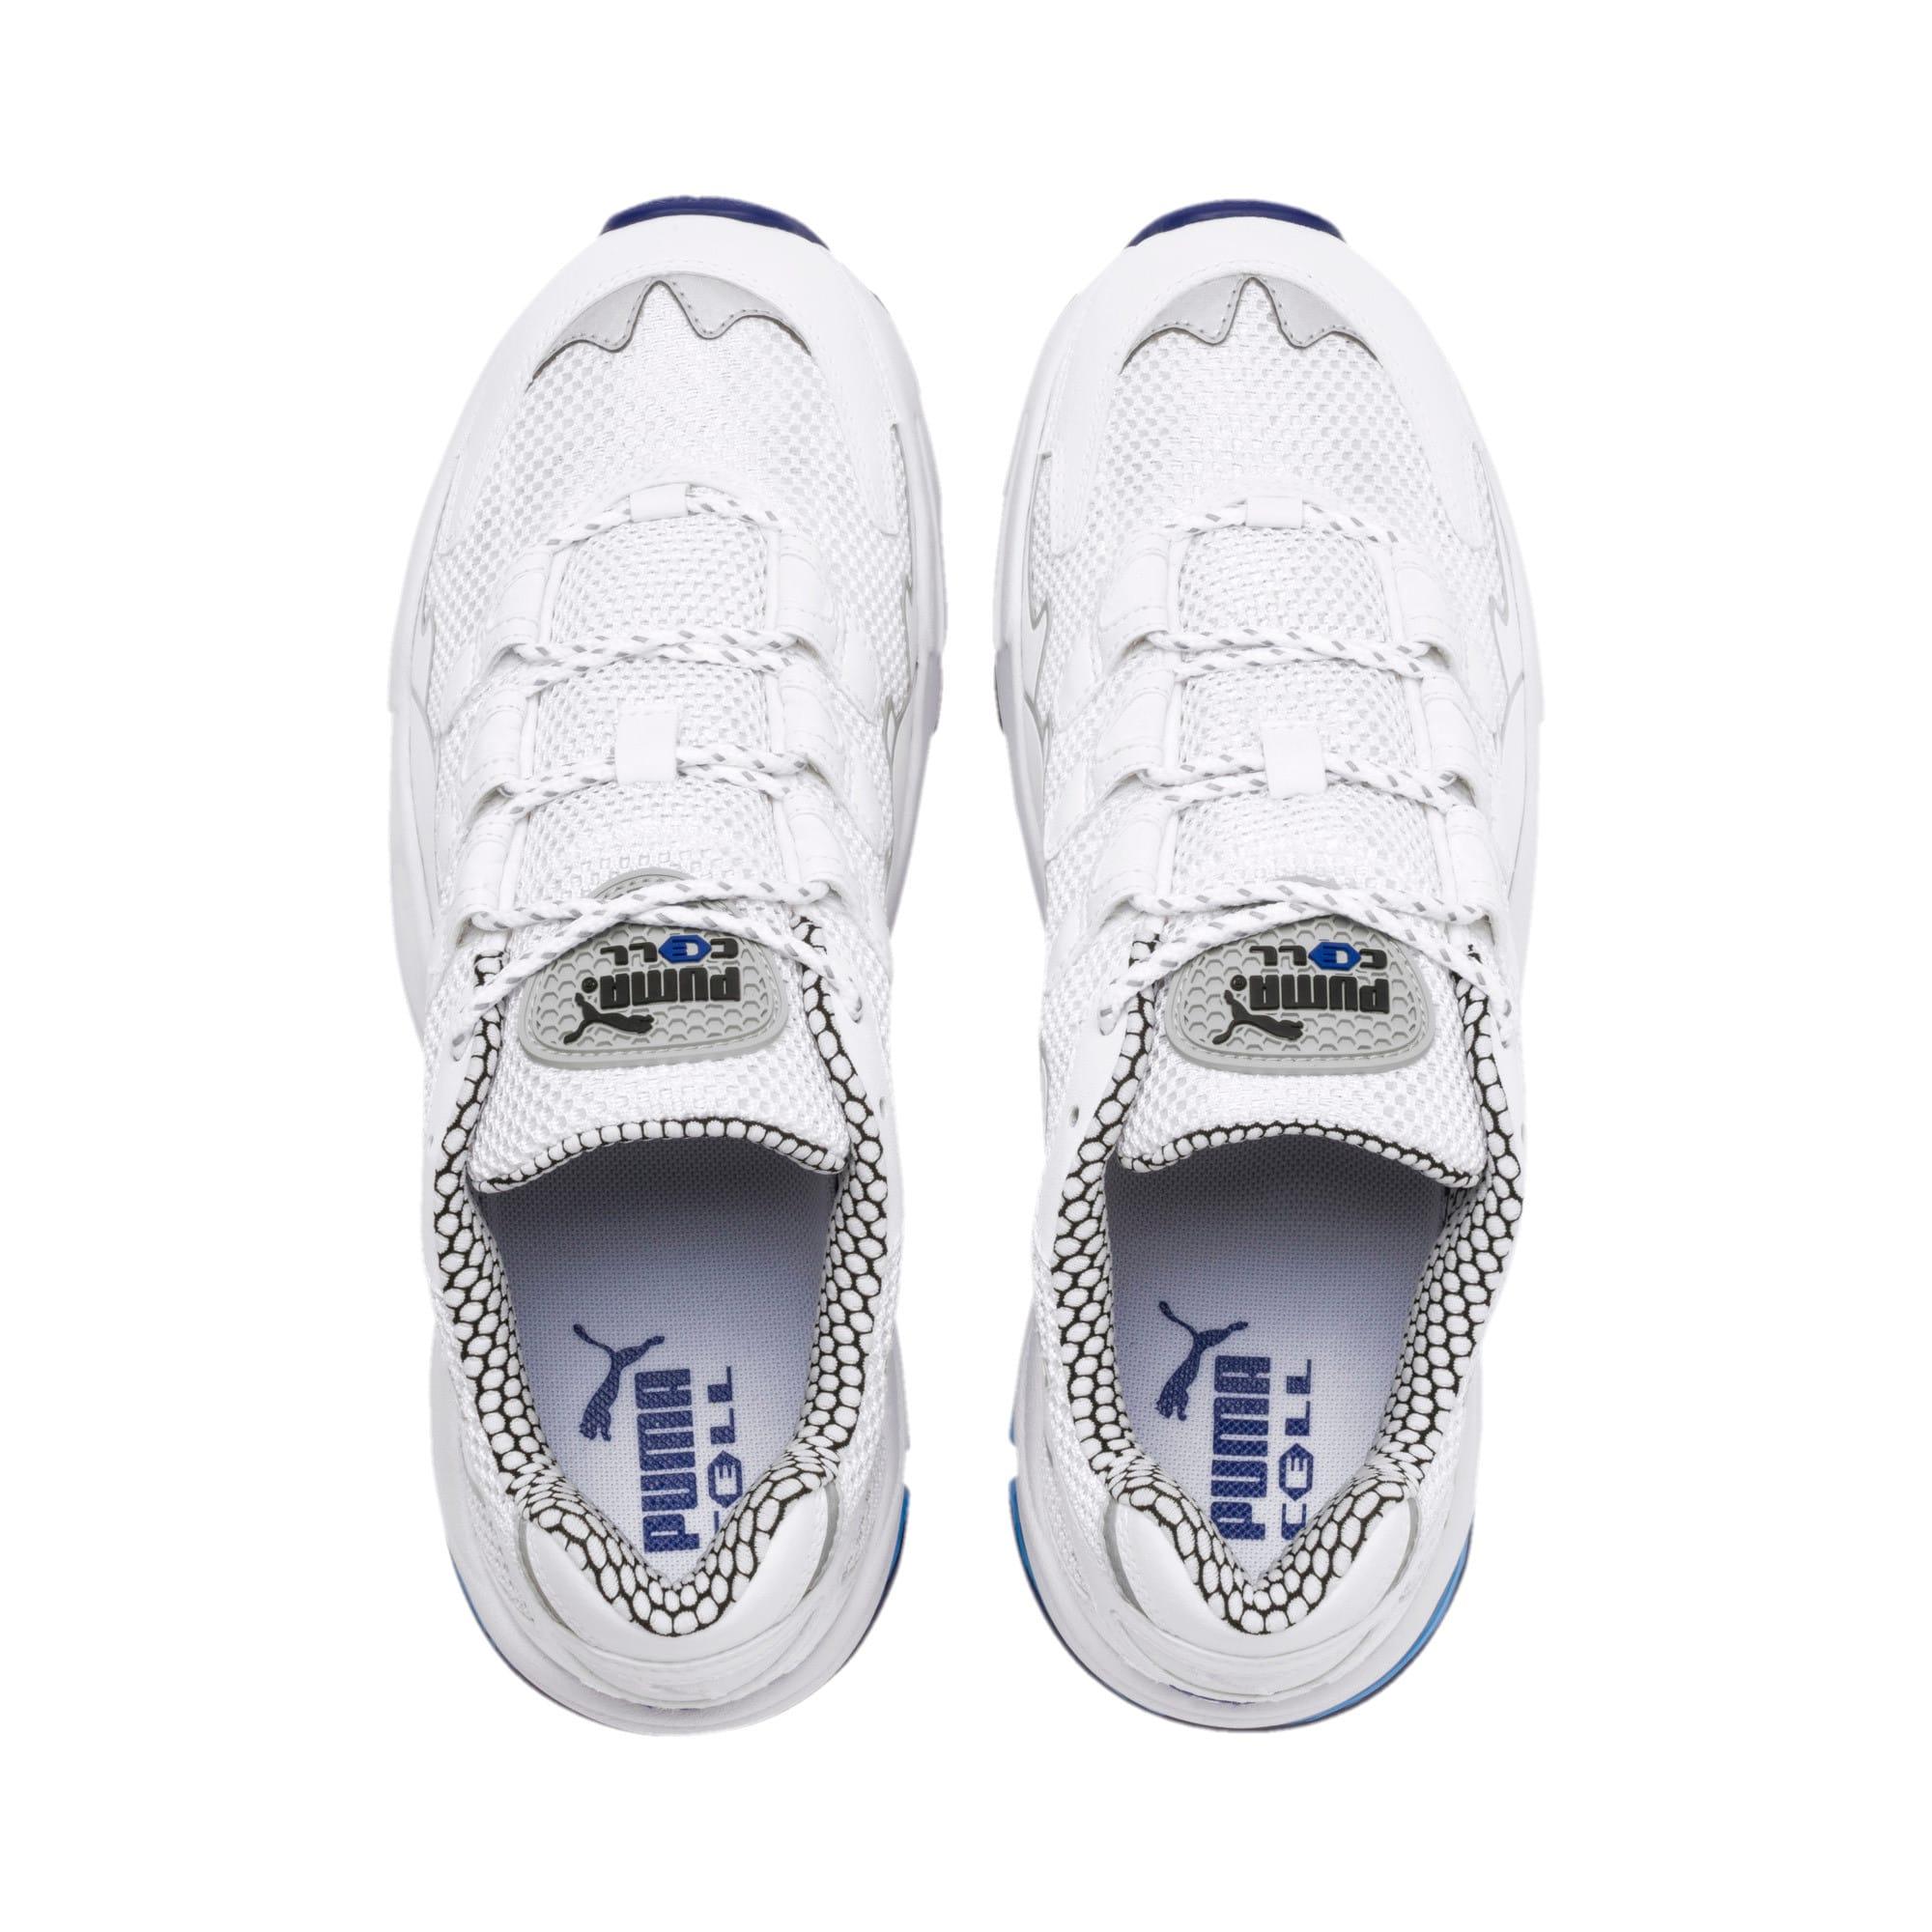 Thumbnail 7 of CELL Alien Kotto Sneakers, Puma White-Puma White, medium